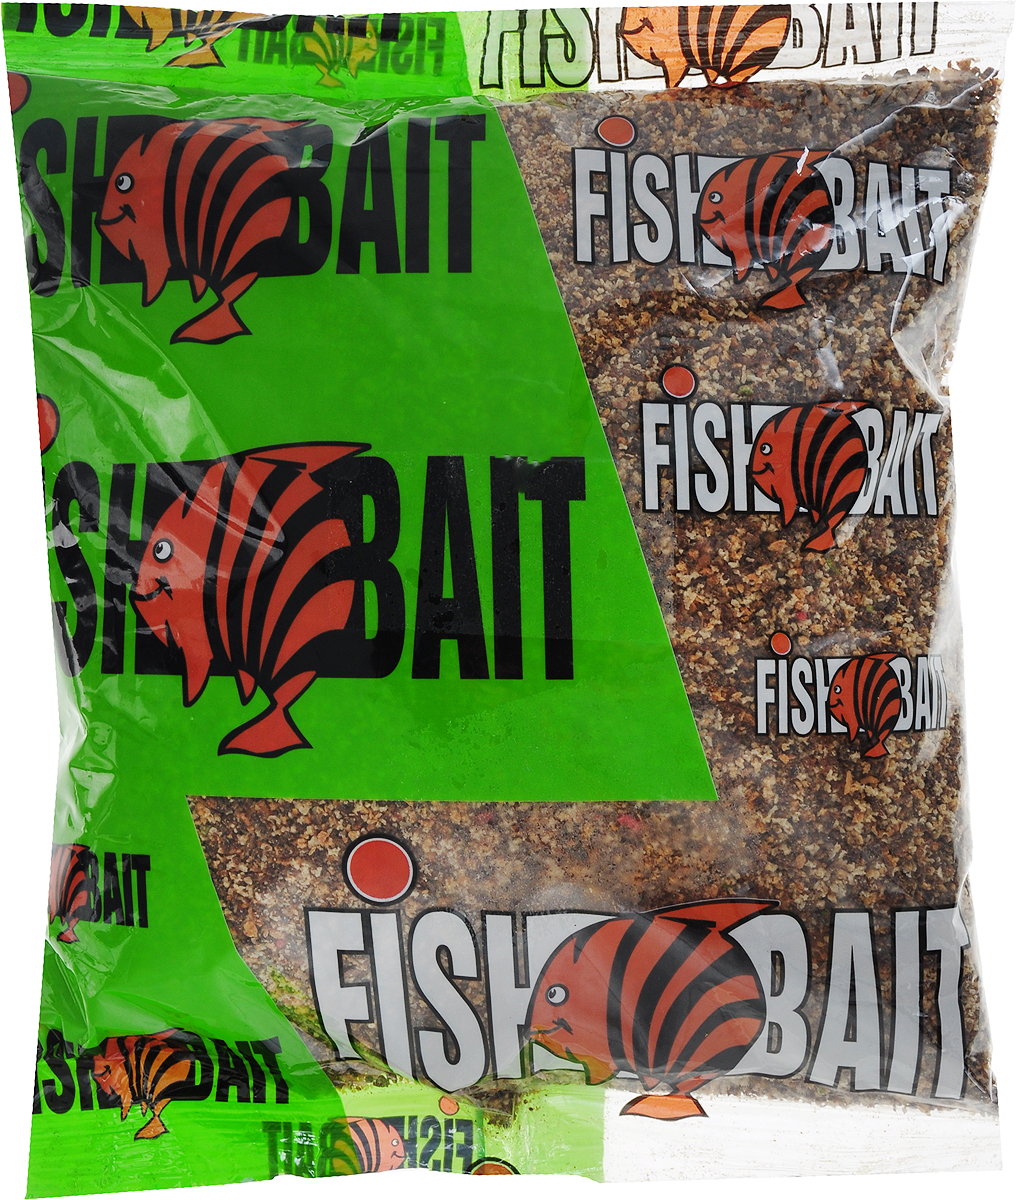 Сухари для прикормки FishBait Бисквитные, 0,5 кг7579976Сухари - традиционная приманка для рыбной ловли. Являются универсальной составляющей для привлечения рыбы в место ловли в любое время года. Сухари FishBait могут быть использованы в составе прикормочных смесей или рыболовных каш. Для эффективного прикармливания рекомендуется добавление мотыля, мормыша или гаммаруса.Уважаемые клиенты! Обращаем ваше внимание на то, что упаковка может иметь несколько видов дизайна. Поставка осуществляется в зависимости от наличия на складе.